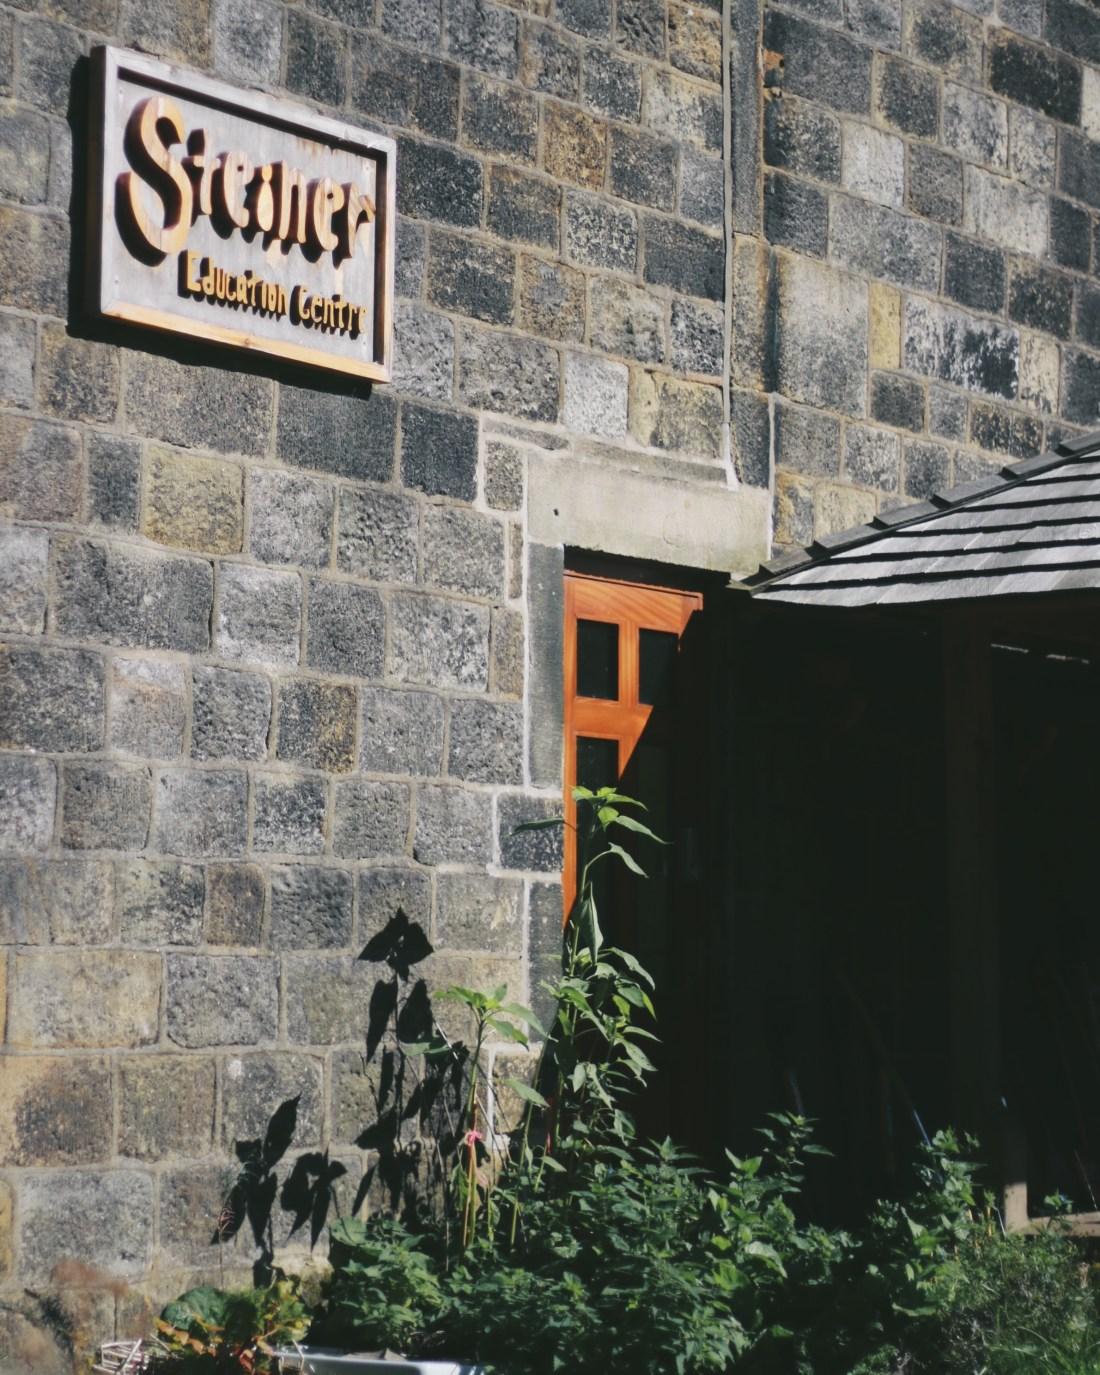 waldorf steiner